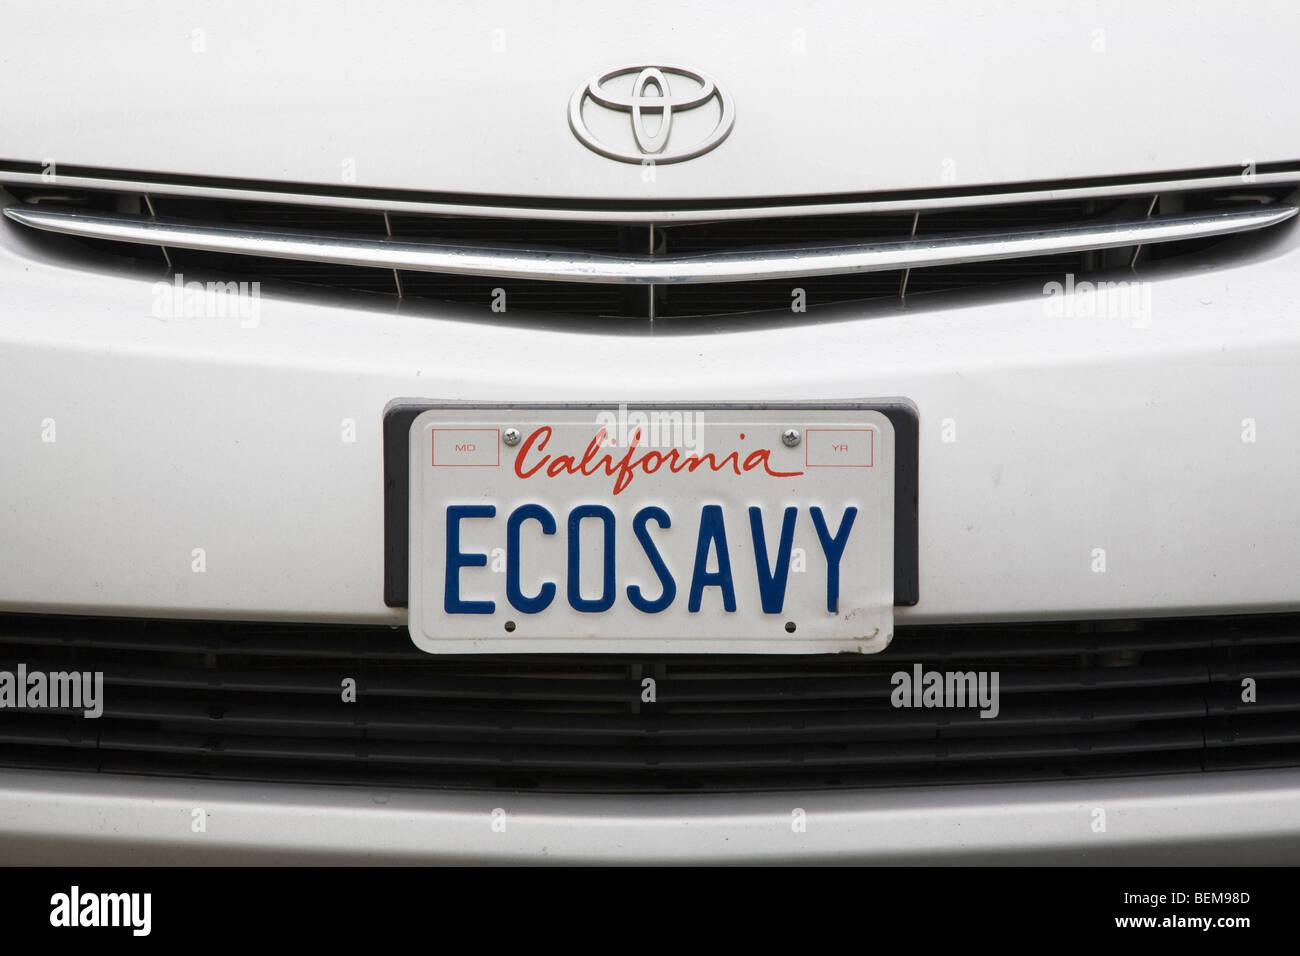 Una chiusura di un 'ECOSAVY' (Eco Savvy) la targa su Toyota Prius ibrida. Millbrae, California, Stati Uniti Immagini Stock